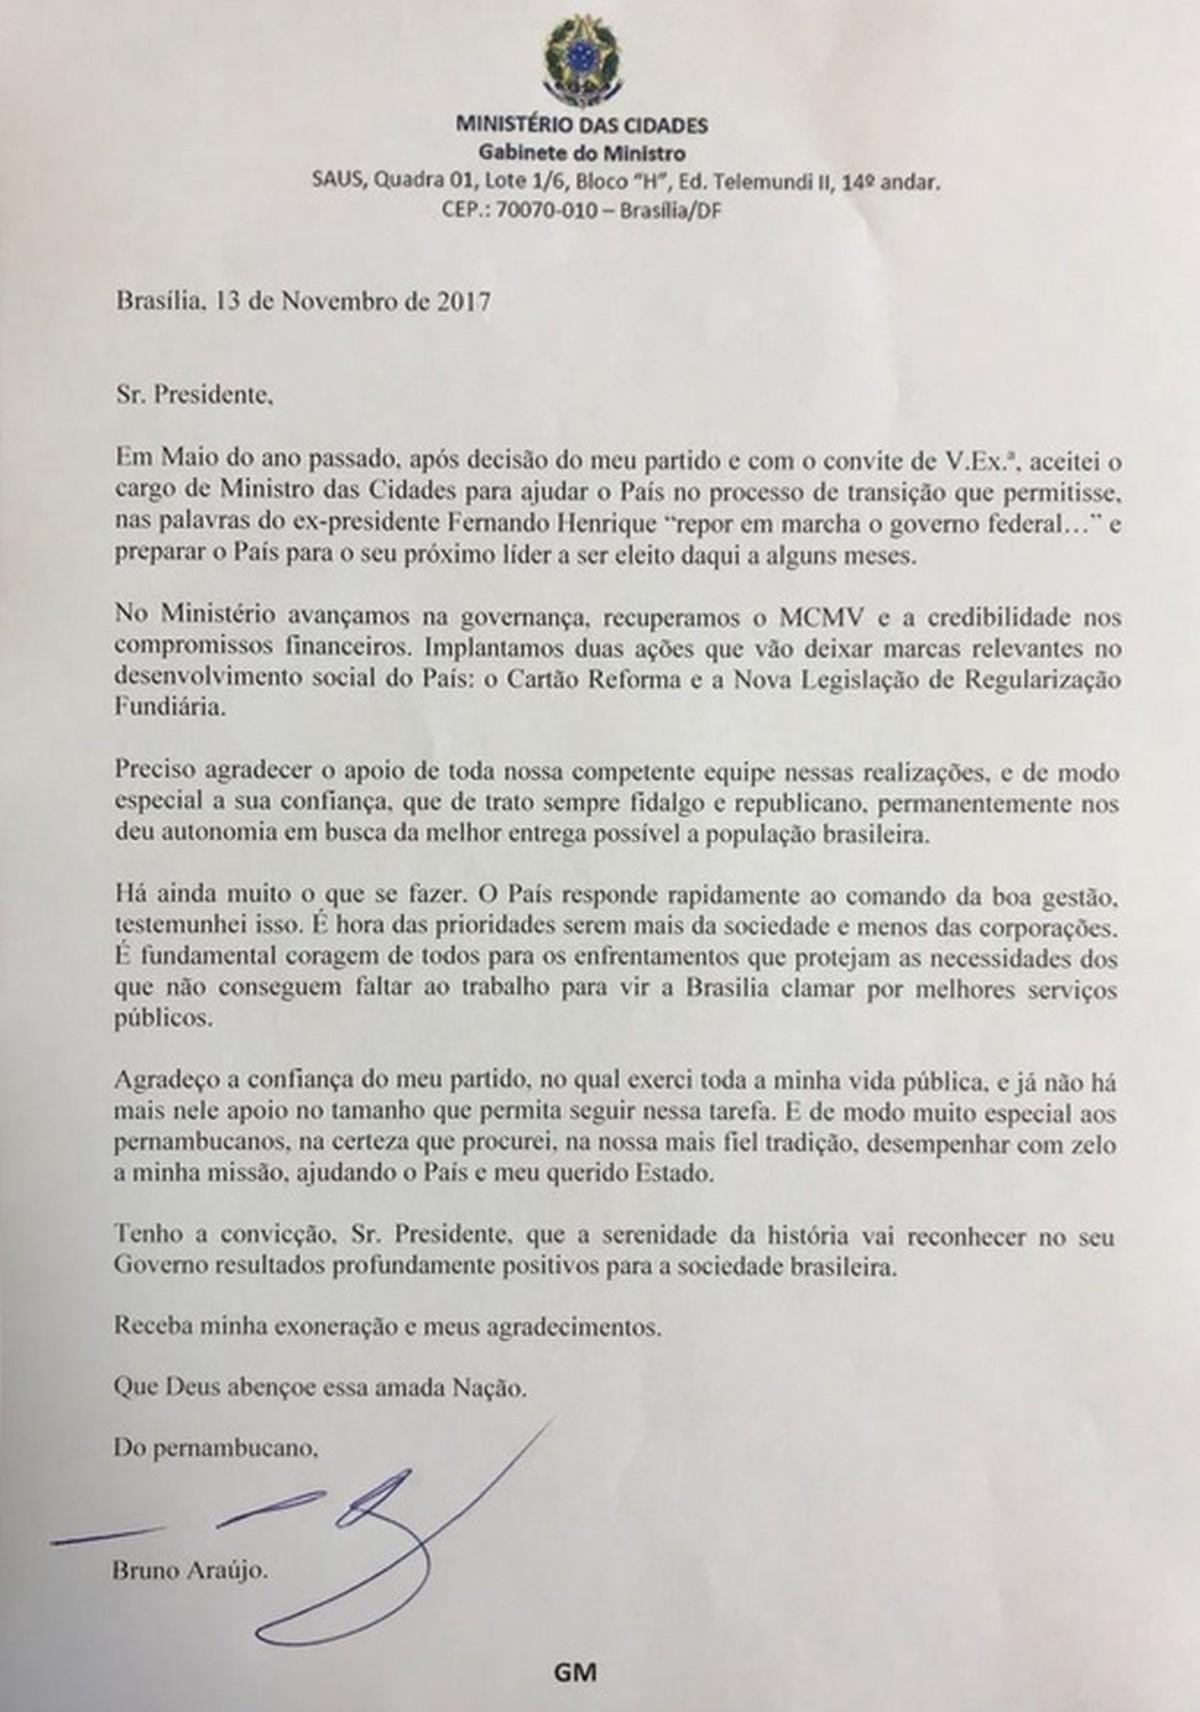 Ministro Bruno Araújo encaminha carta de demissão a Temer em meio ao racha no PSDB